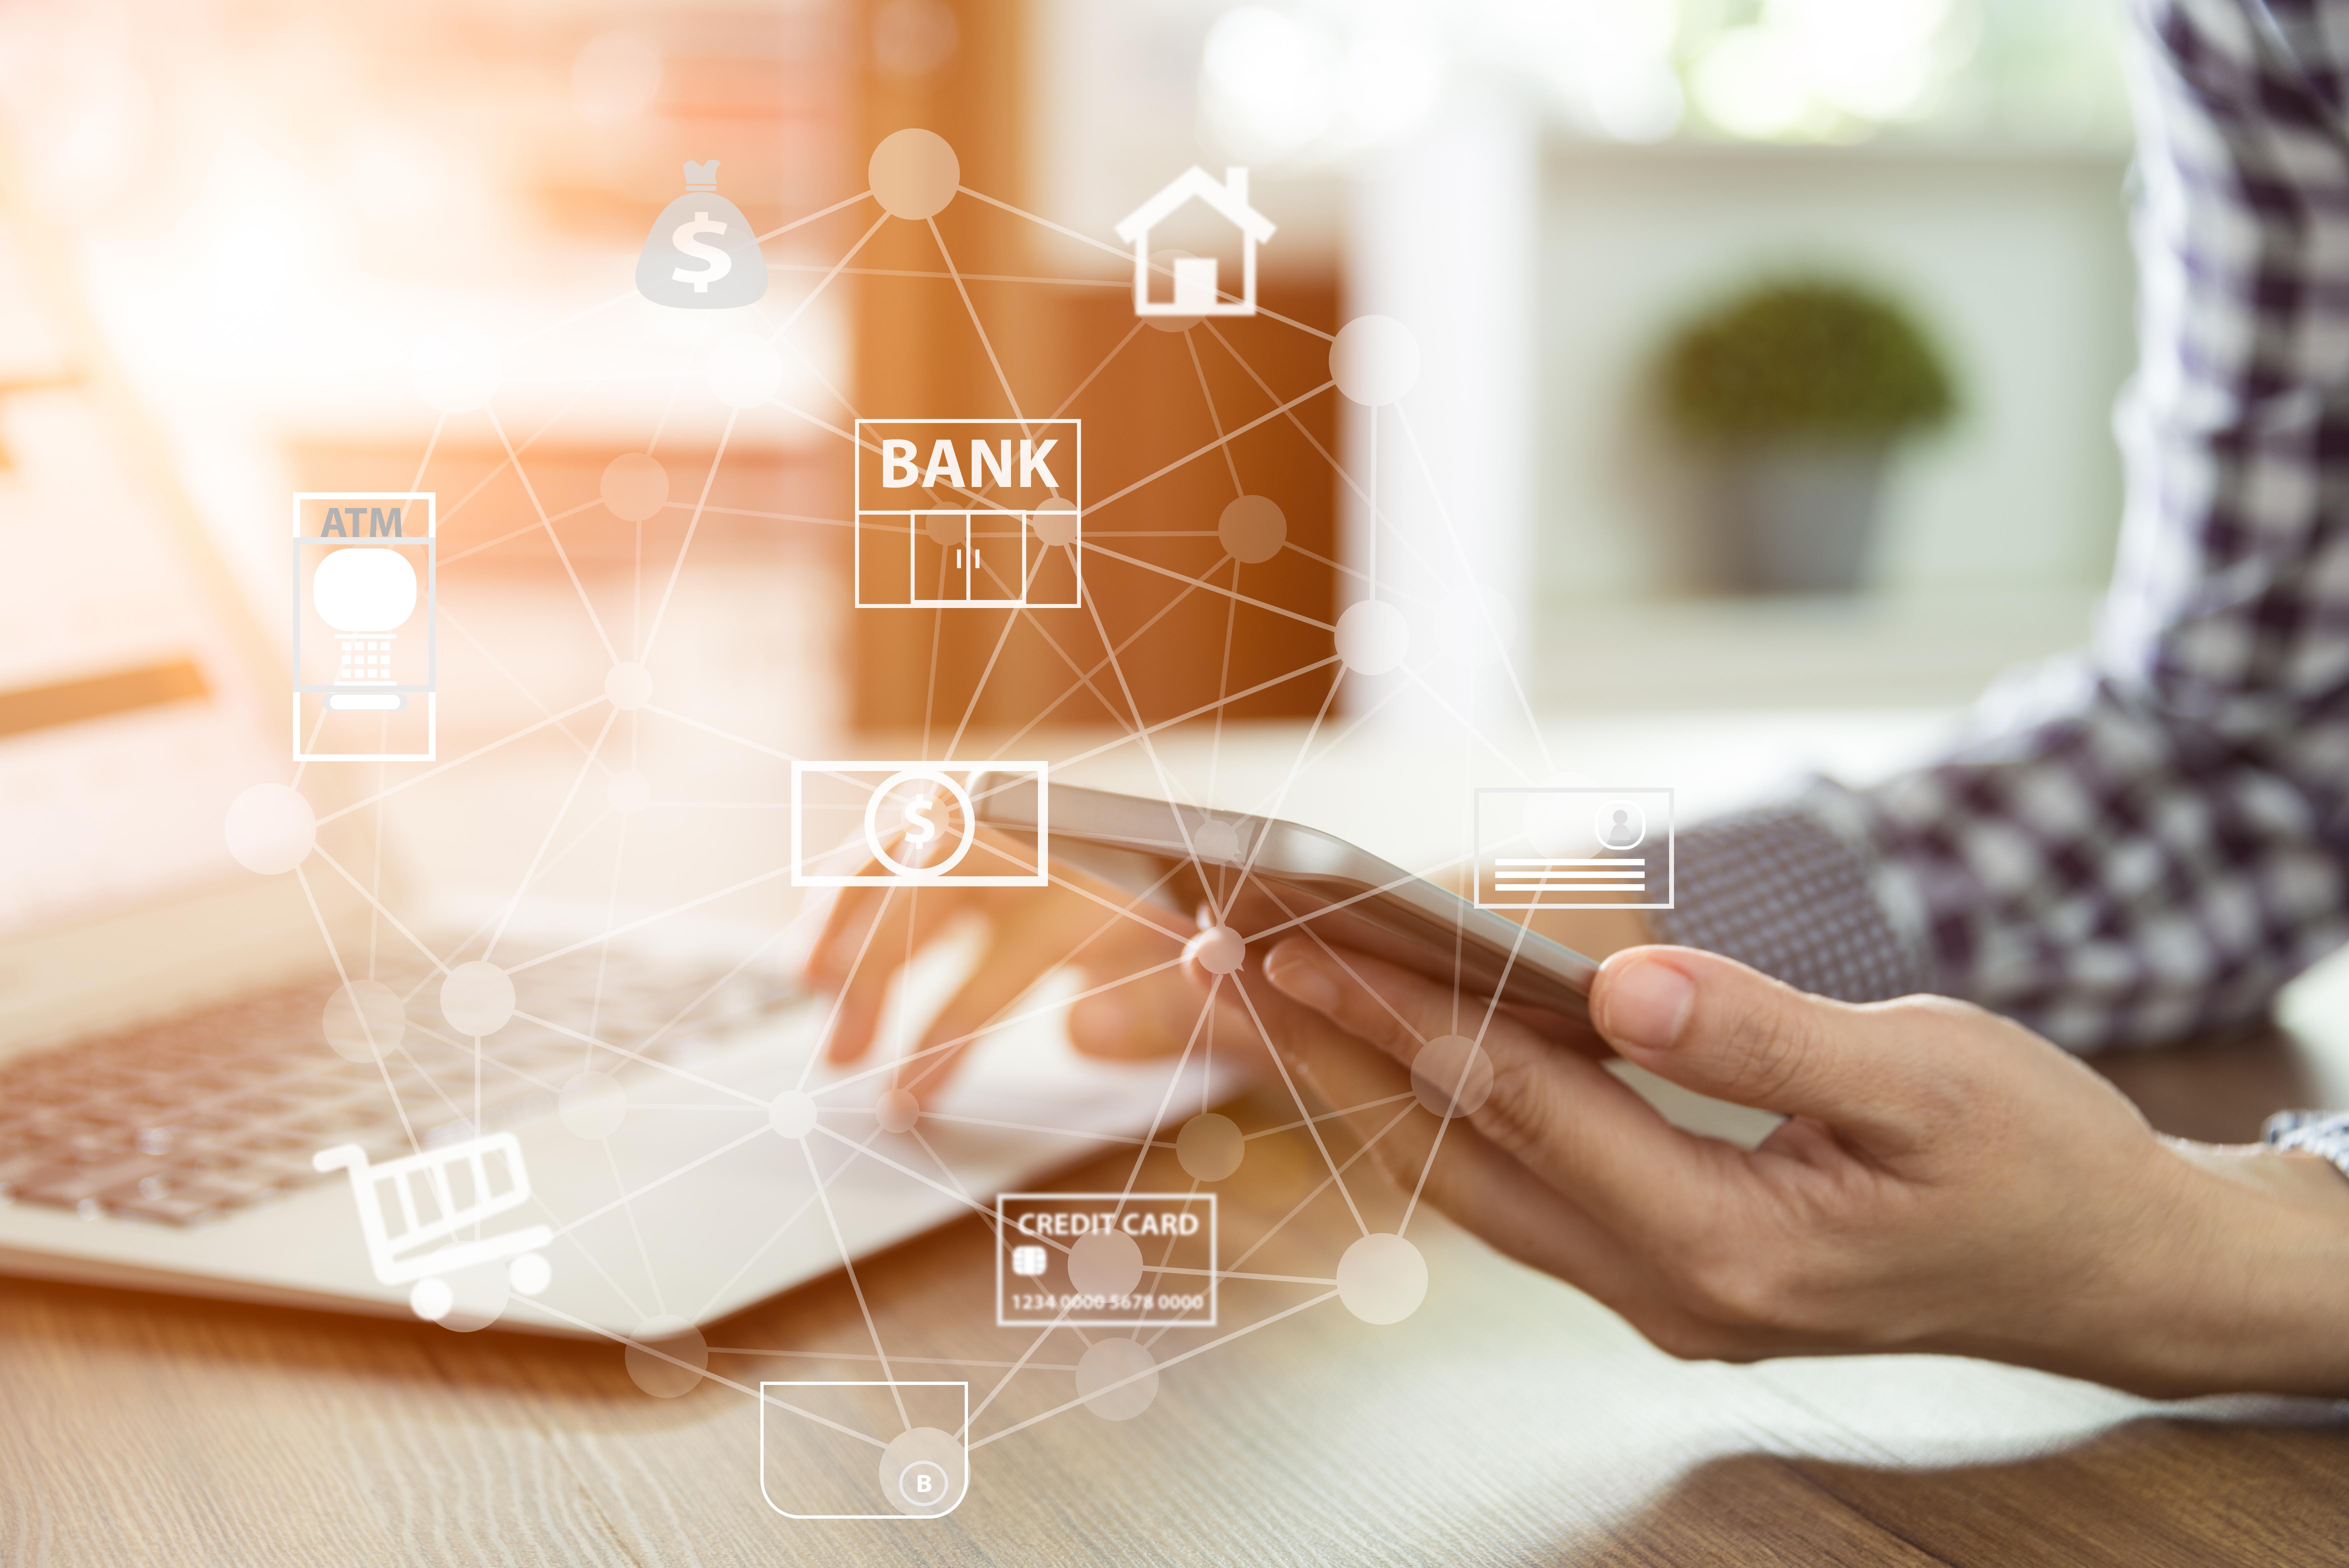 Comisia Europeană a adoptat o nouă legislație pentru finanțele digitale, plățile transfrontaliere cu cardul și criptoactivele